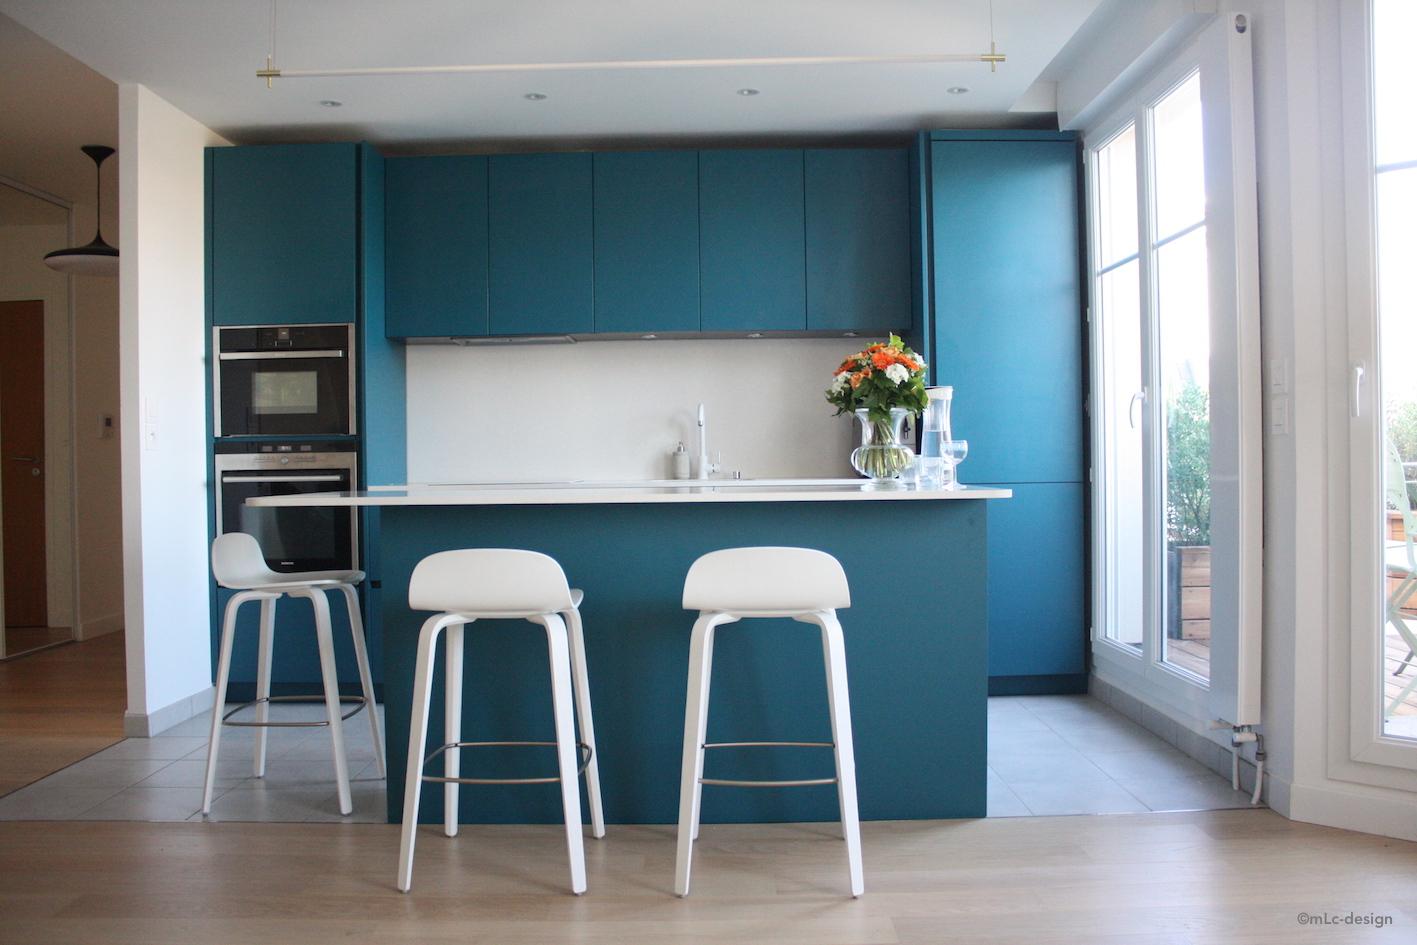 ma nouvelle cuisine bleue le blog d co de mlc. Black Bedroom Furniture Sets. Home Design Ideas